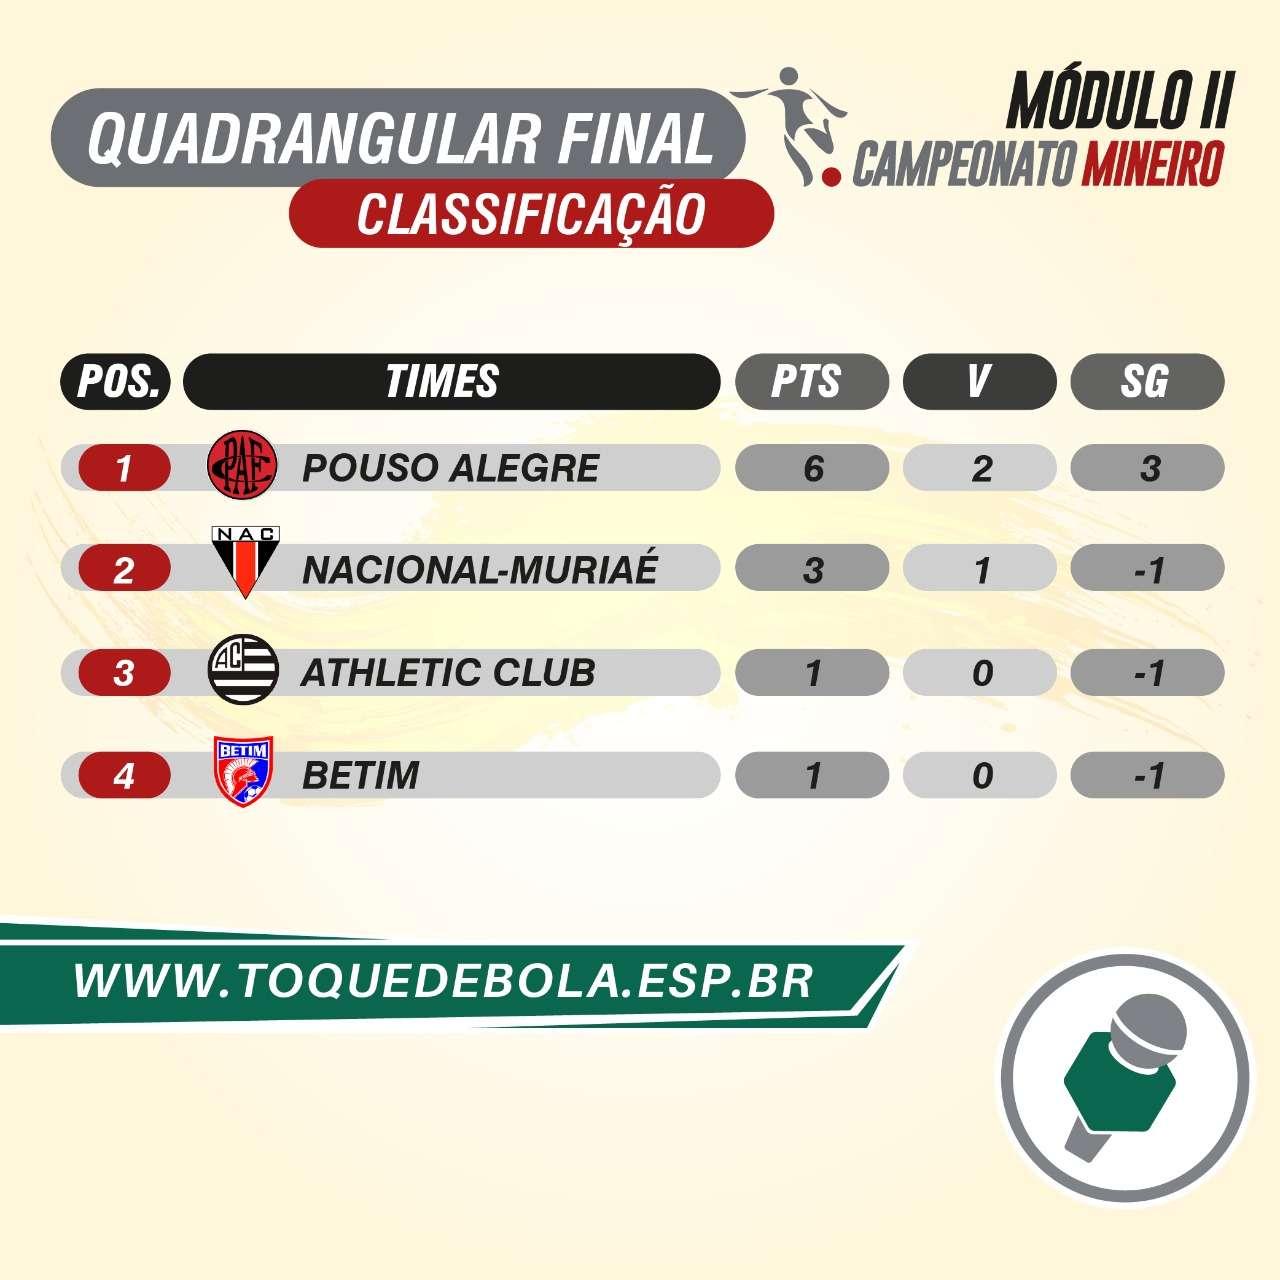 Módulo 2: Pouso Alegre amplia vantagem no quadrangular final!